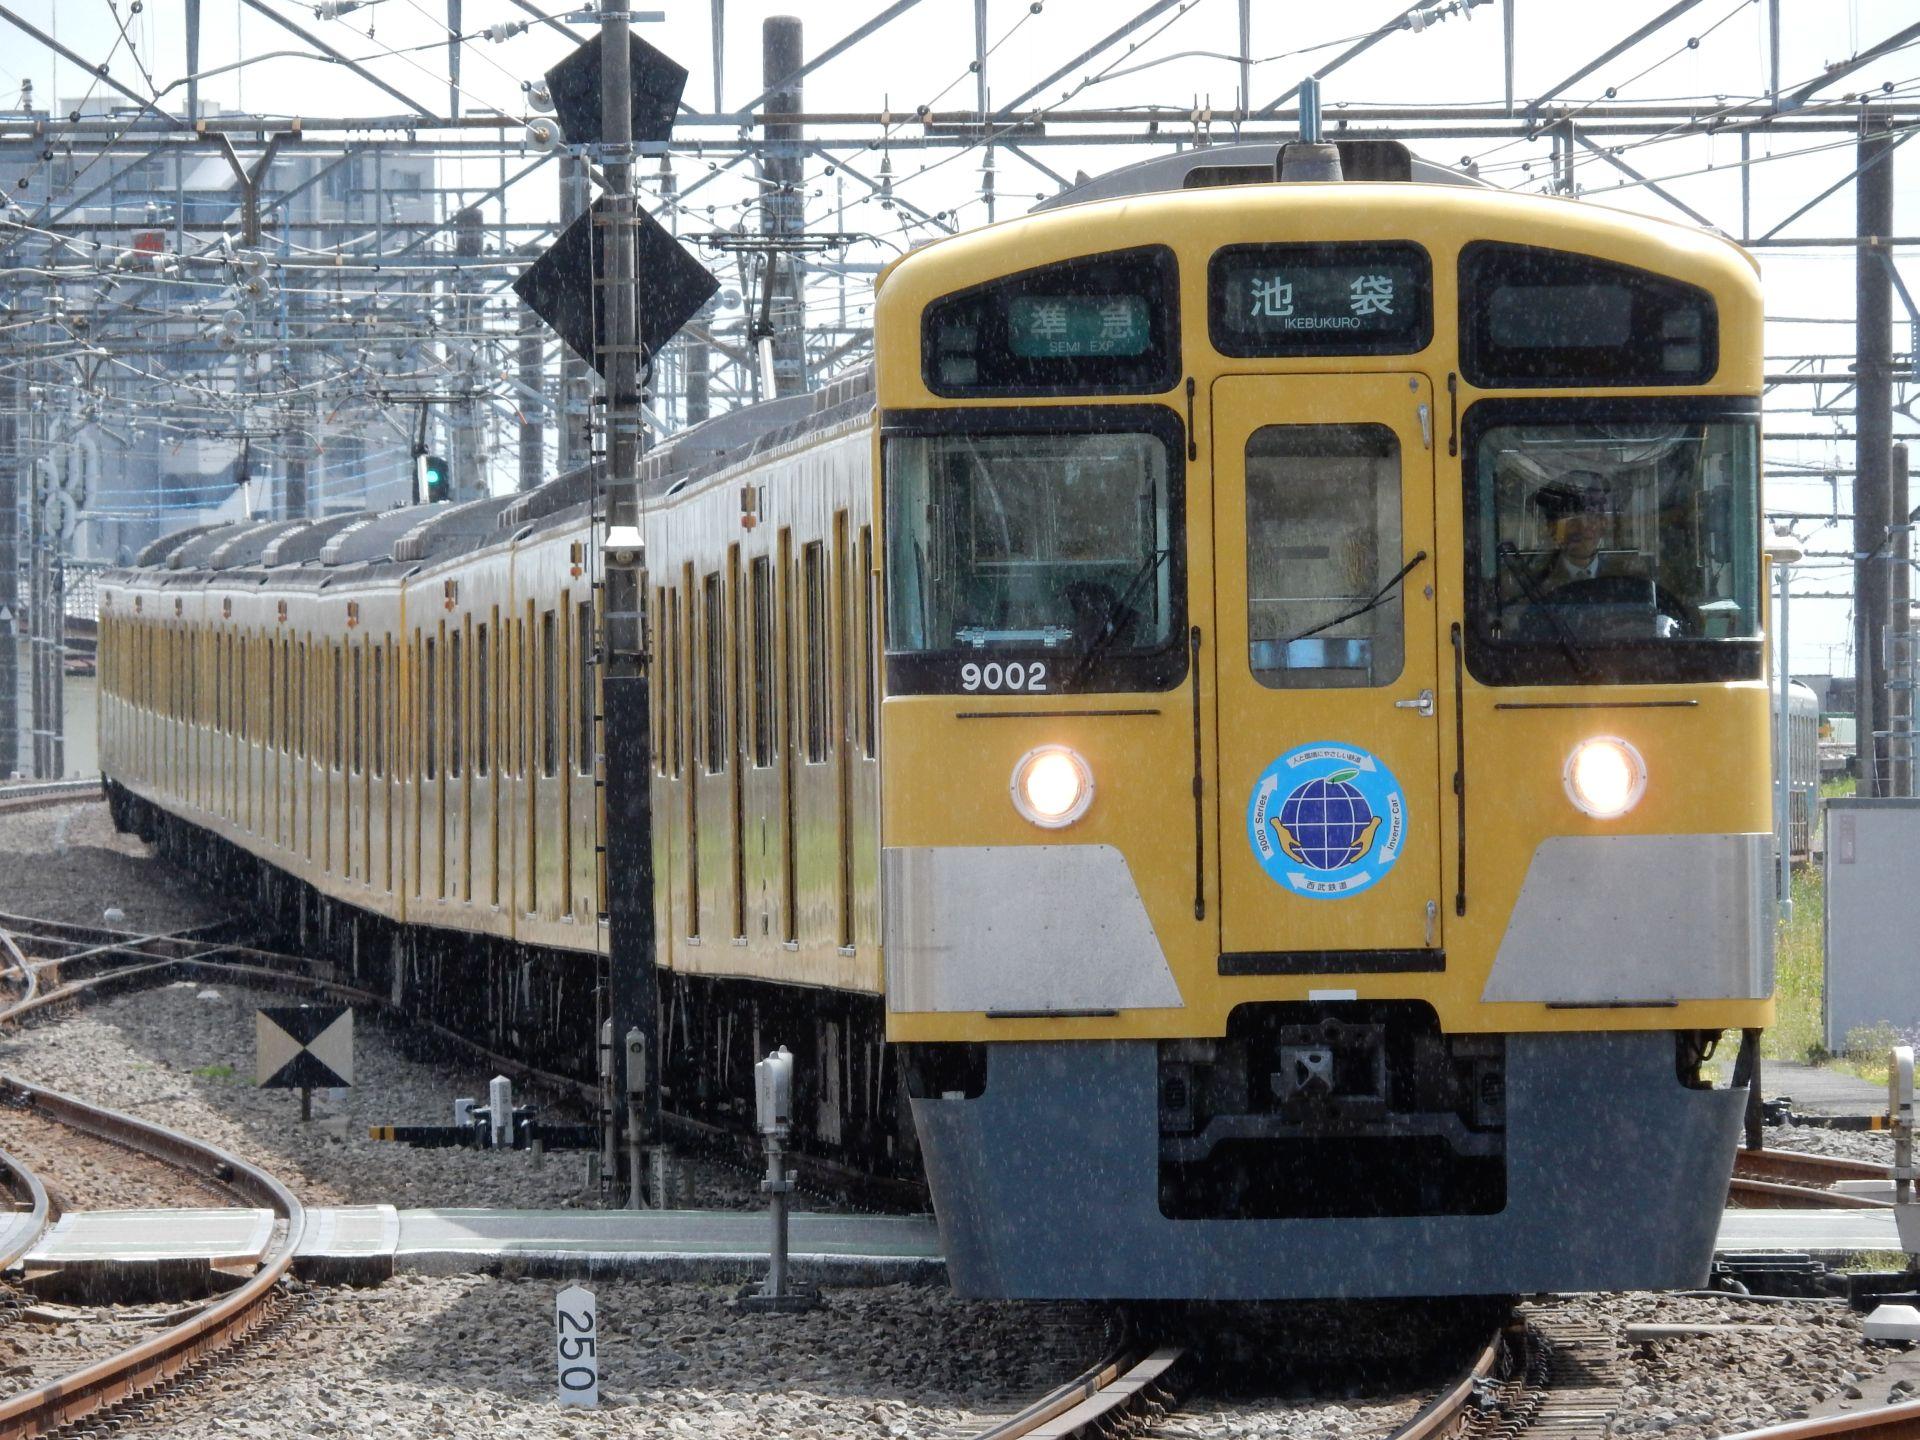 DSCN7702 - コピー